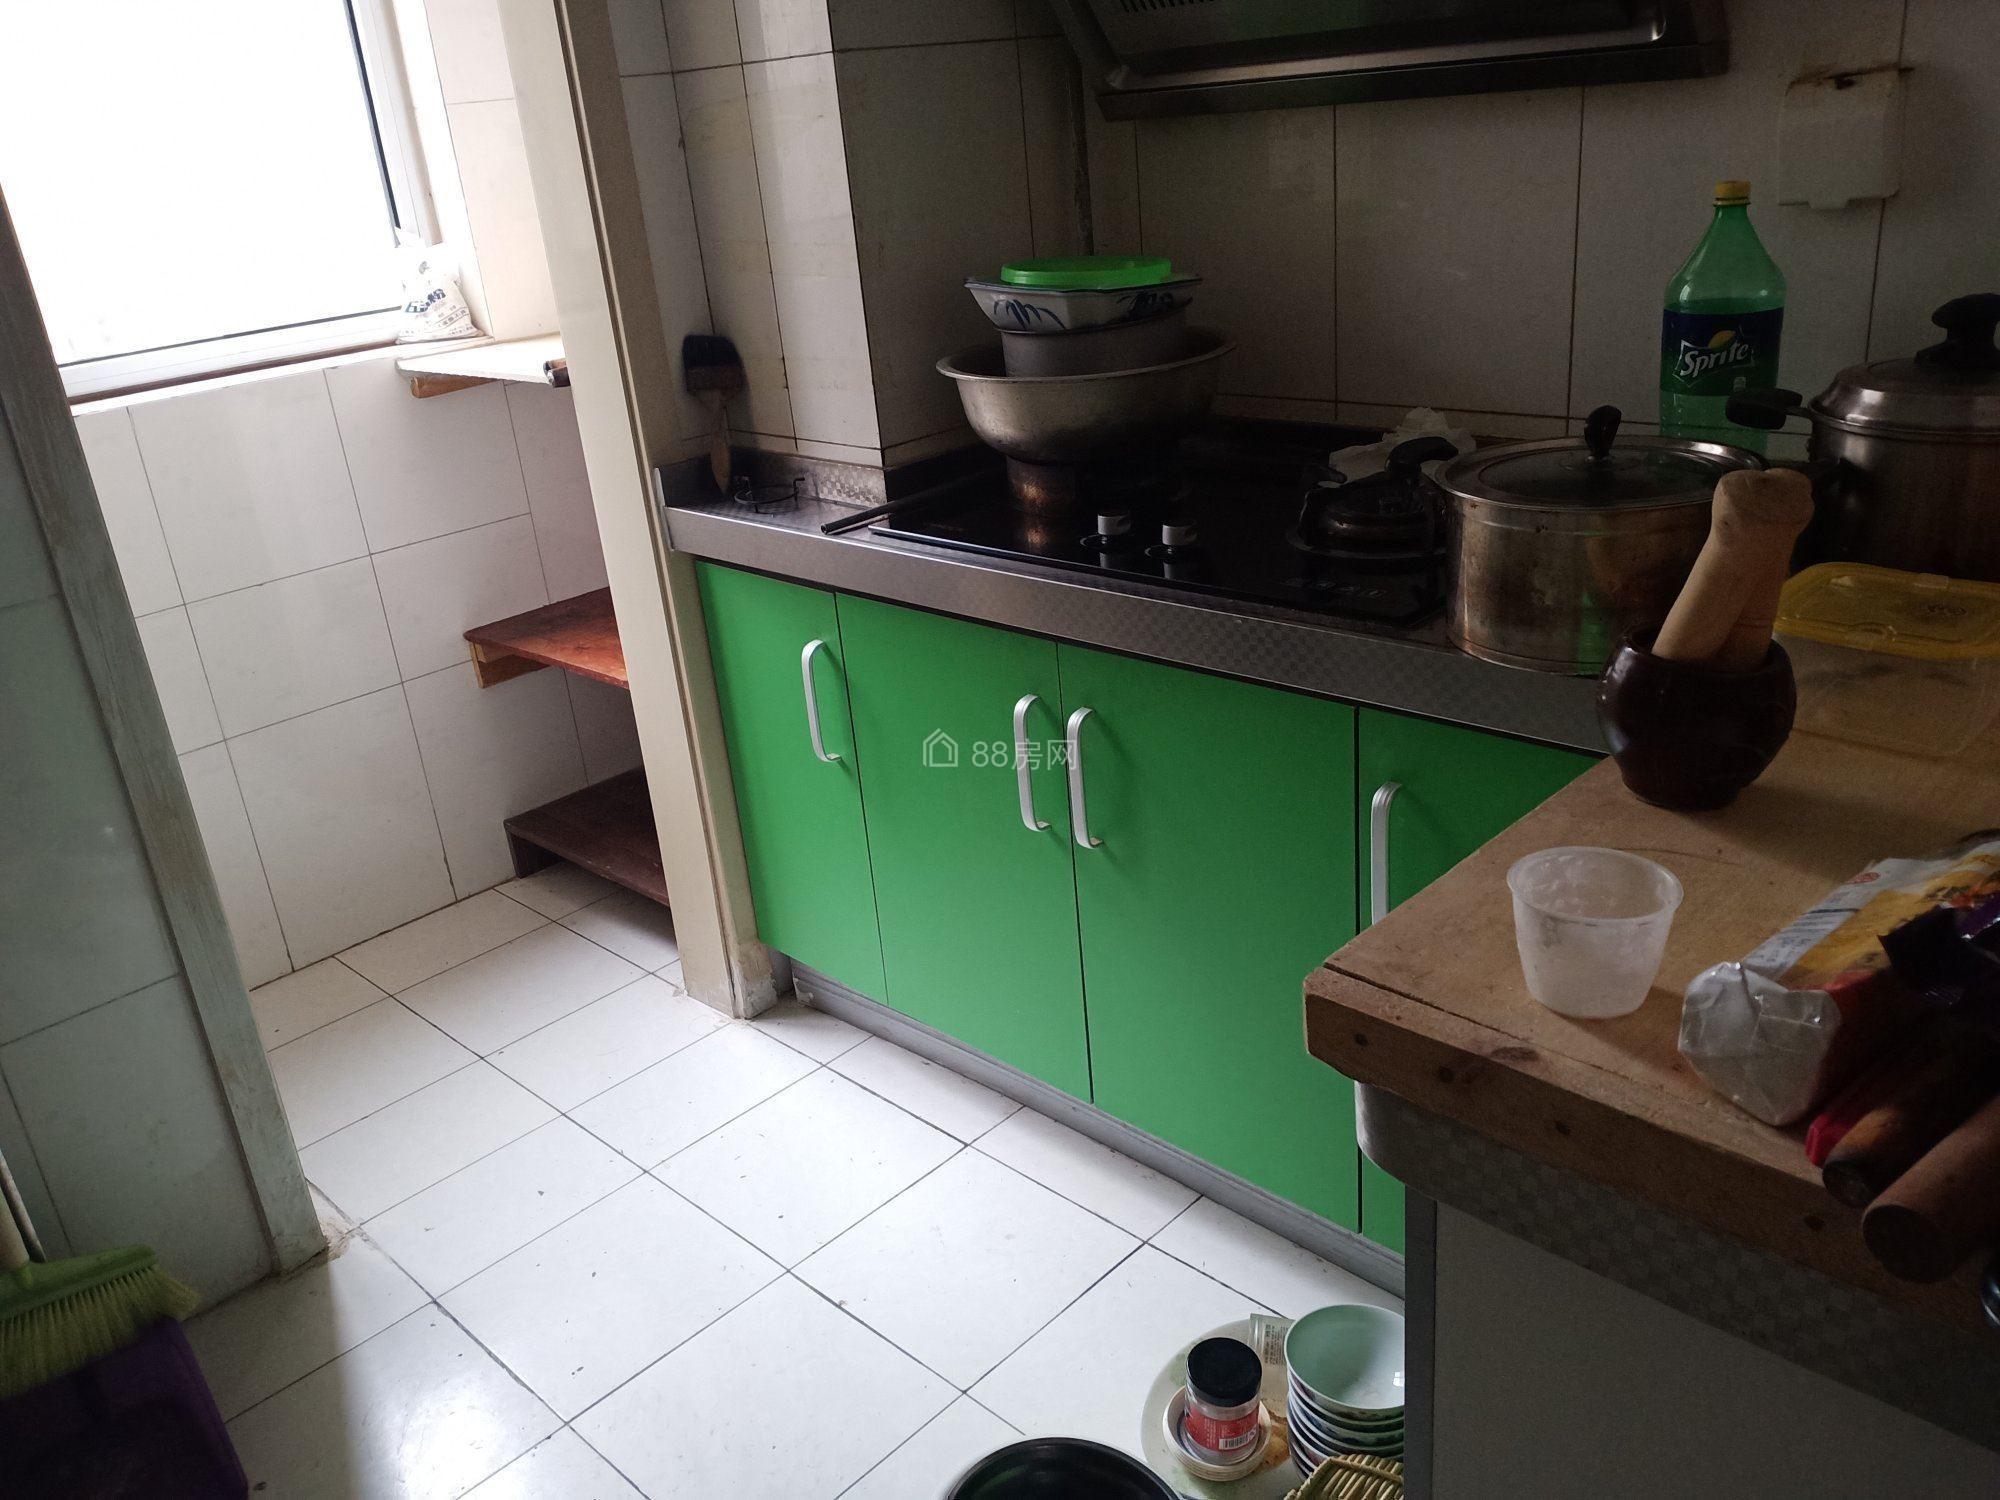 宏仁家园 精装大两居 周边配套齐全 看好房子能优惠